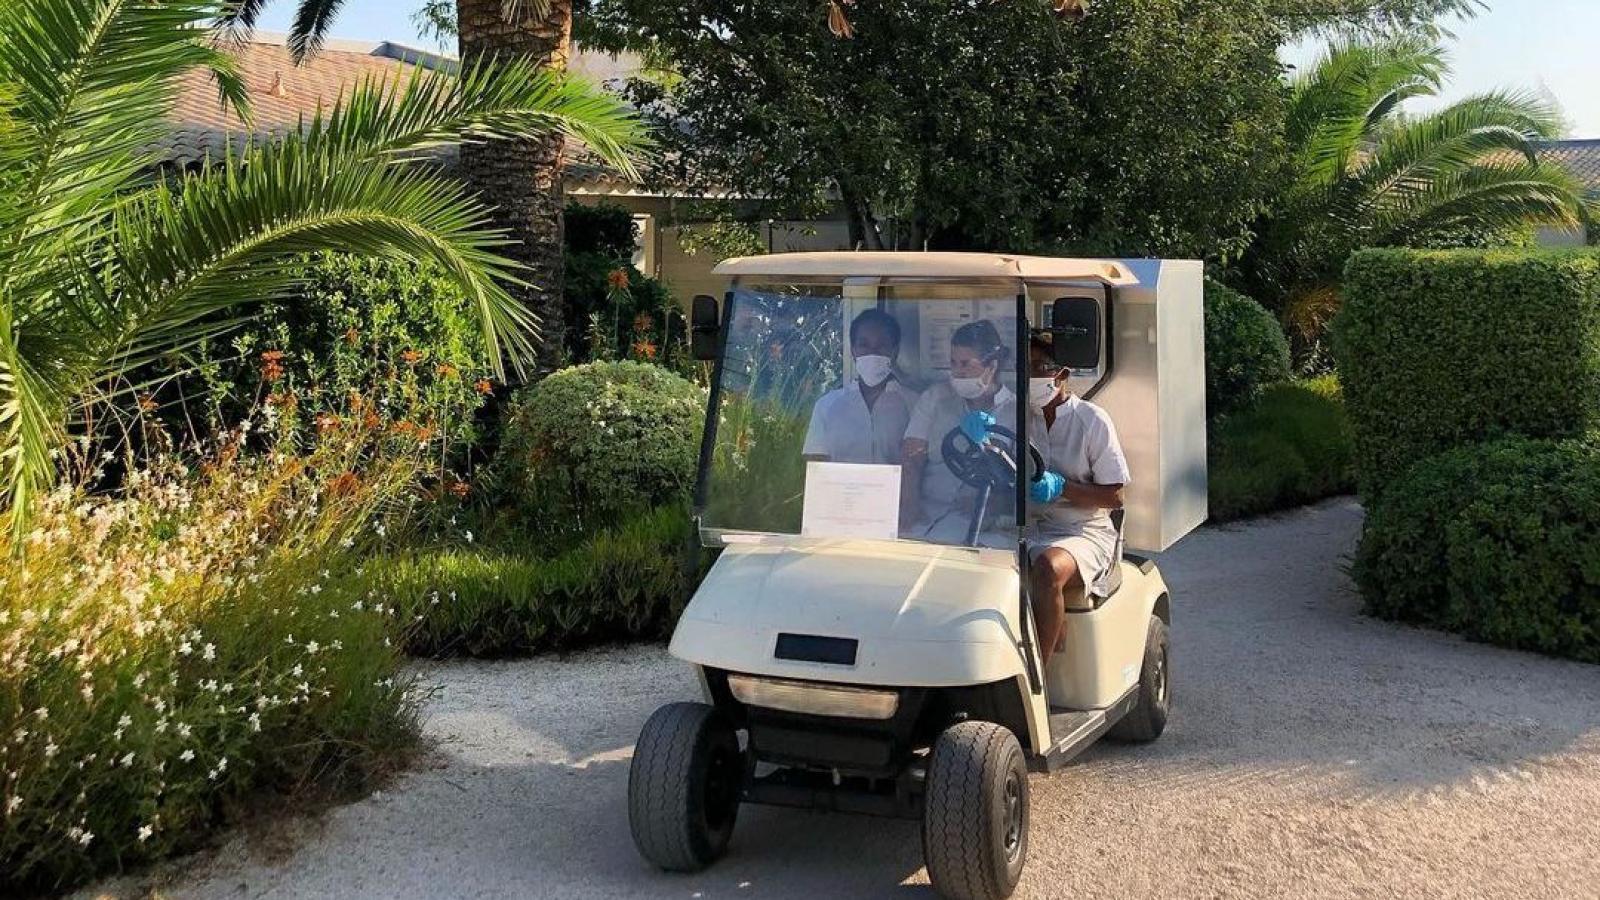 Votre hôtel Sezz Saint-Tropez face à la crise sanitaire